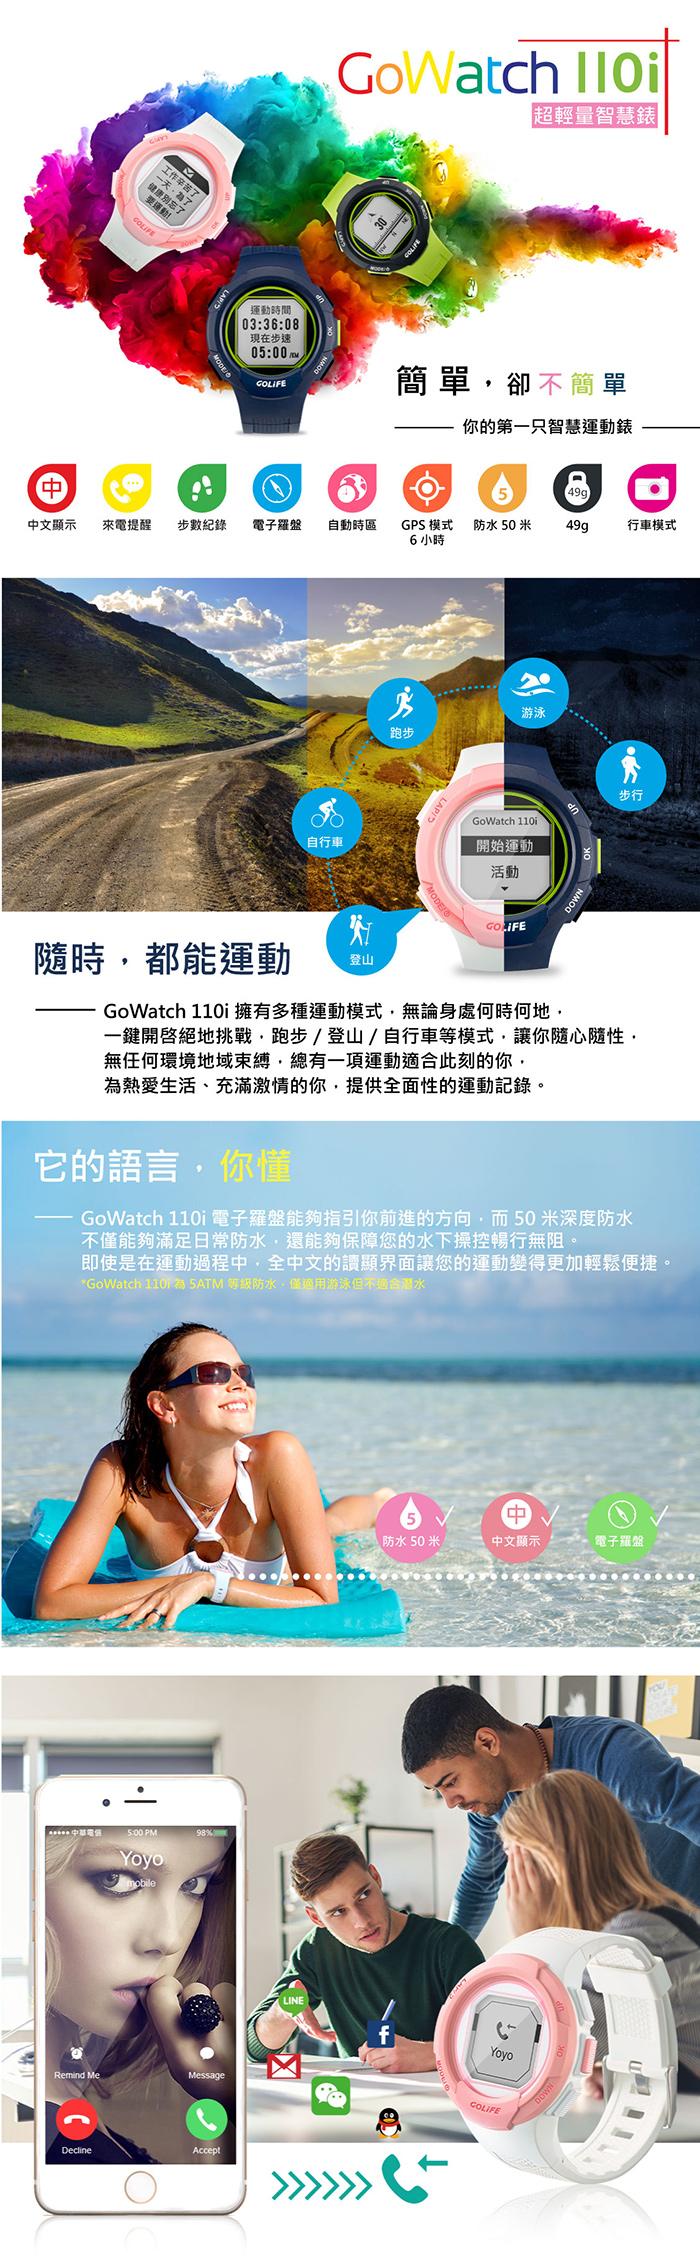 Gowatch110i-01.jpg